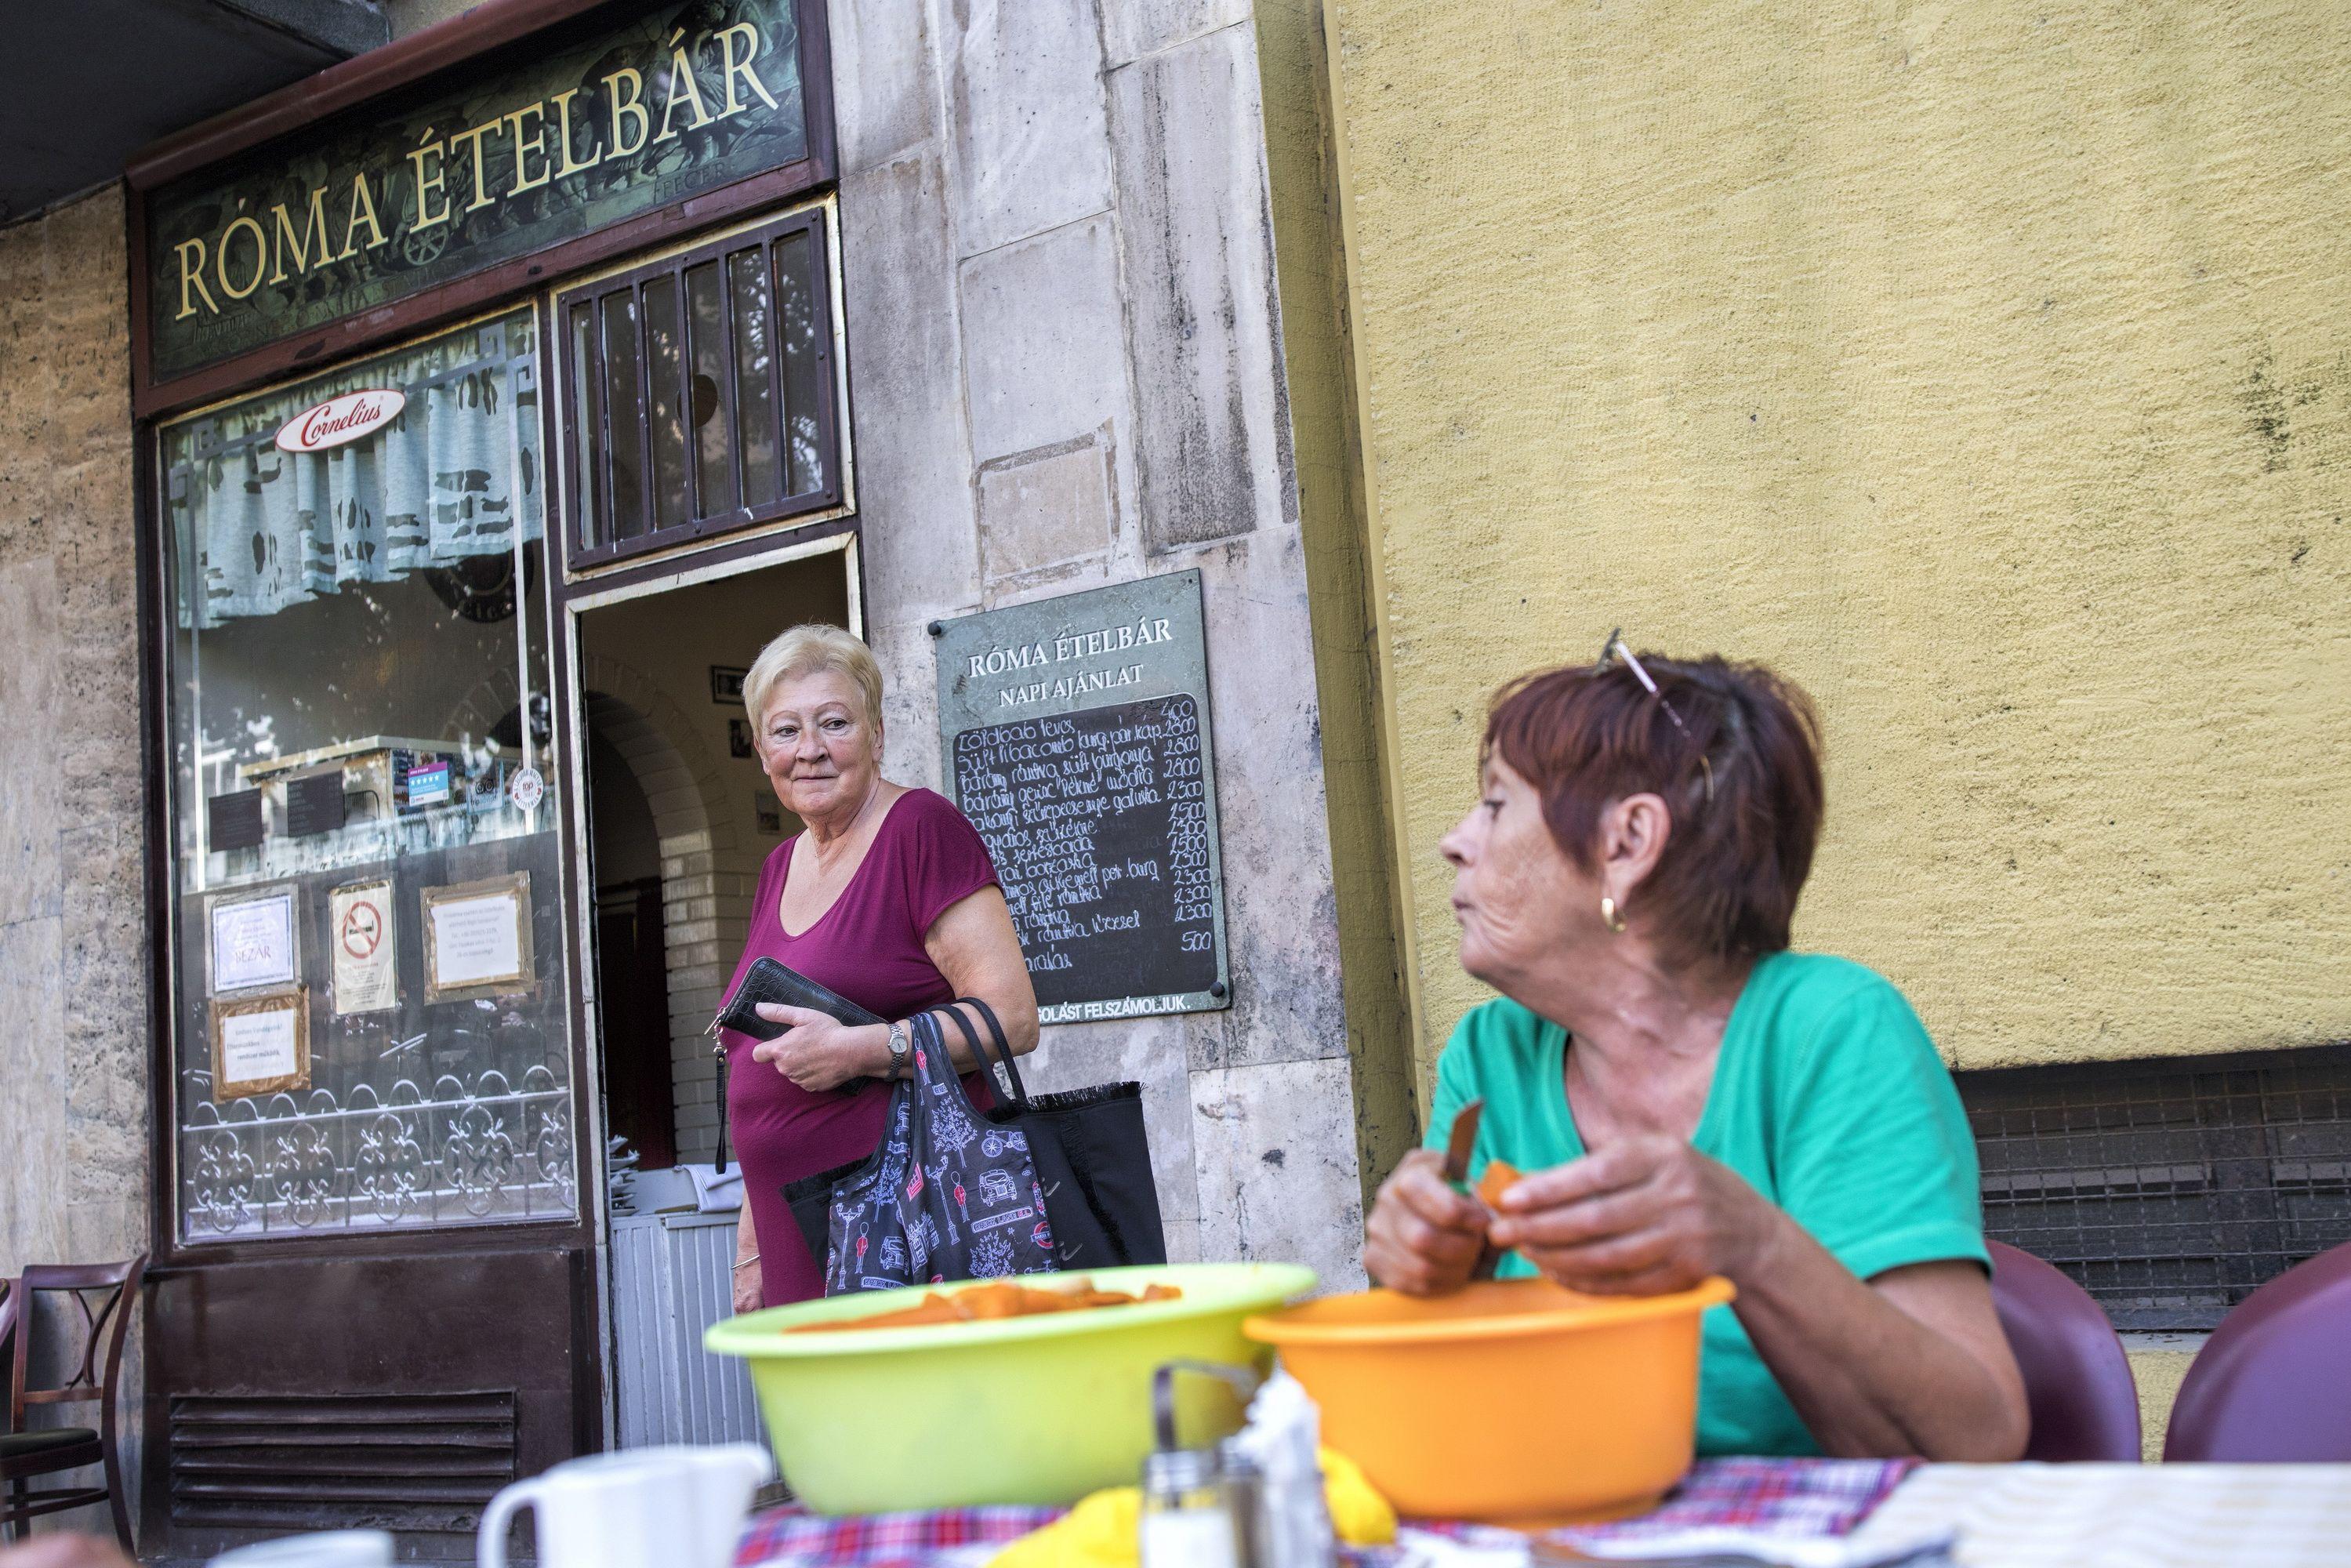 róma ételbár utolsó napja